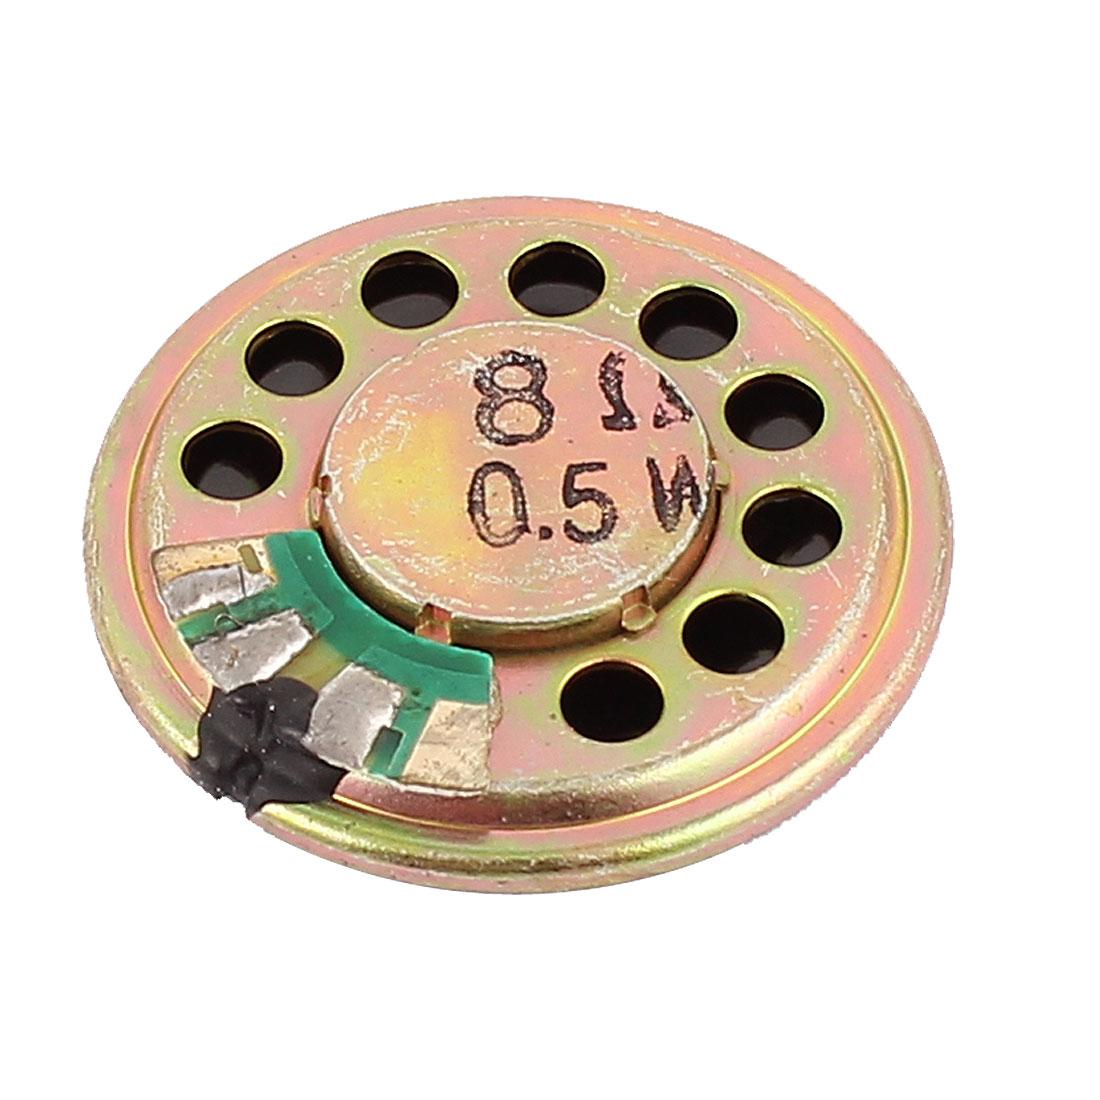 30mm Dia 8 Ohm 0.5W Aluminum Shell Internal Magnet Speaker Loudspeaker Gold Tone